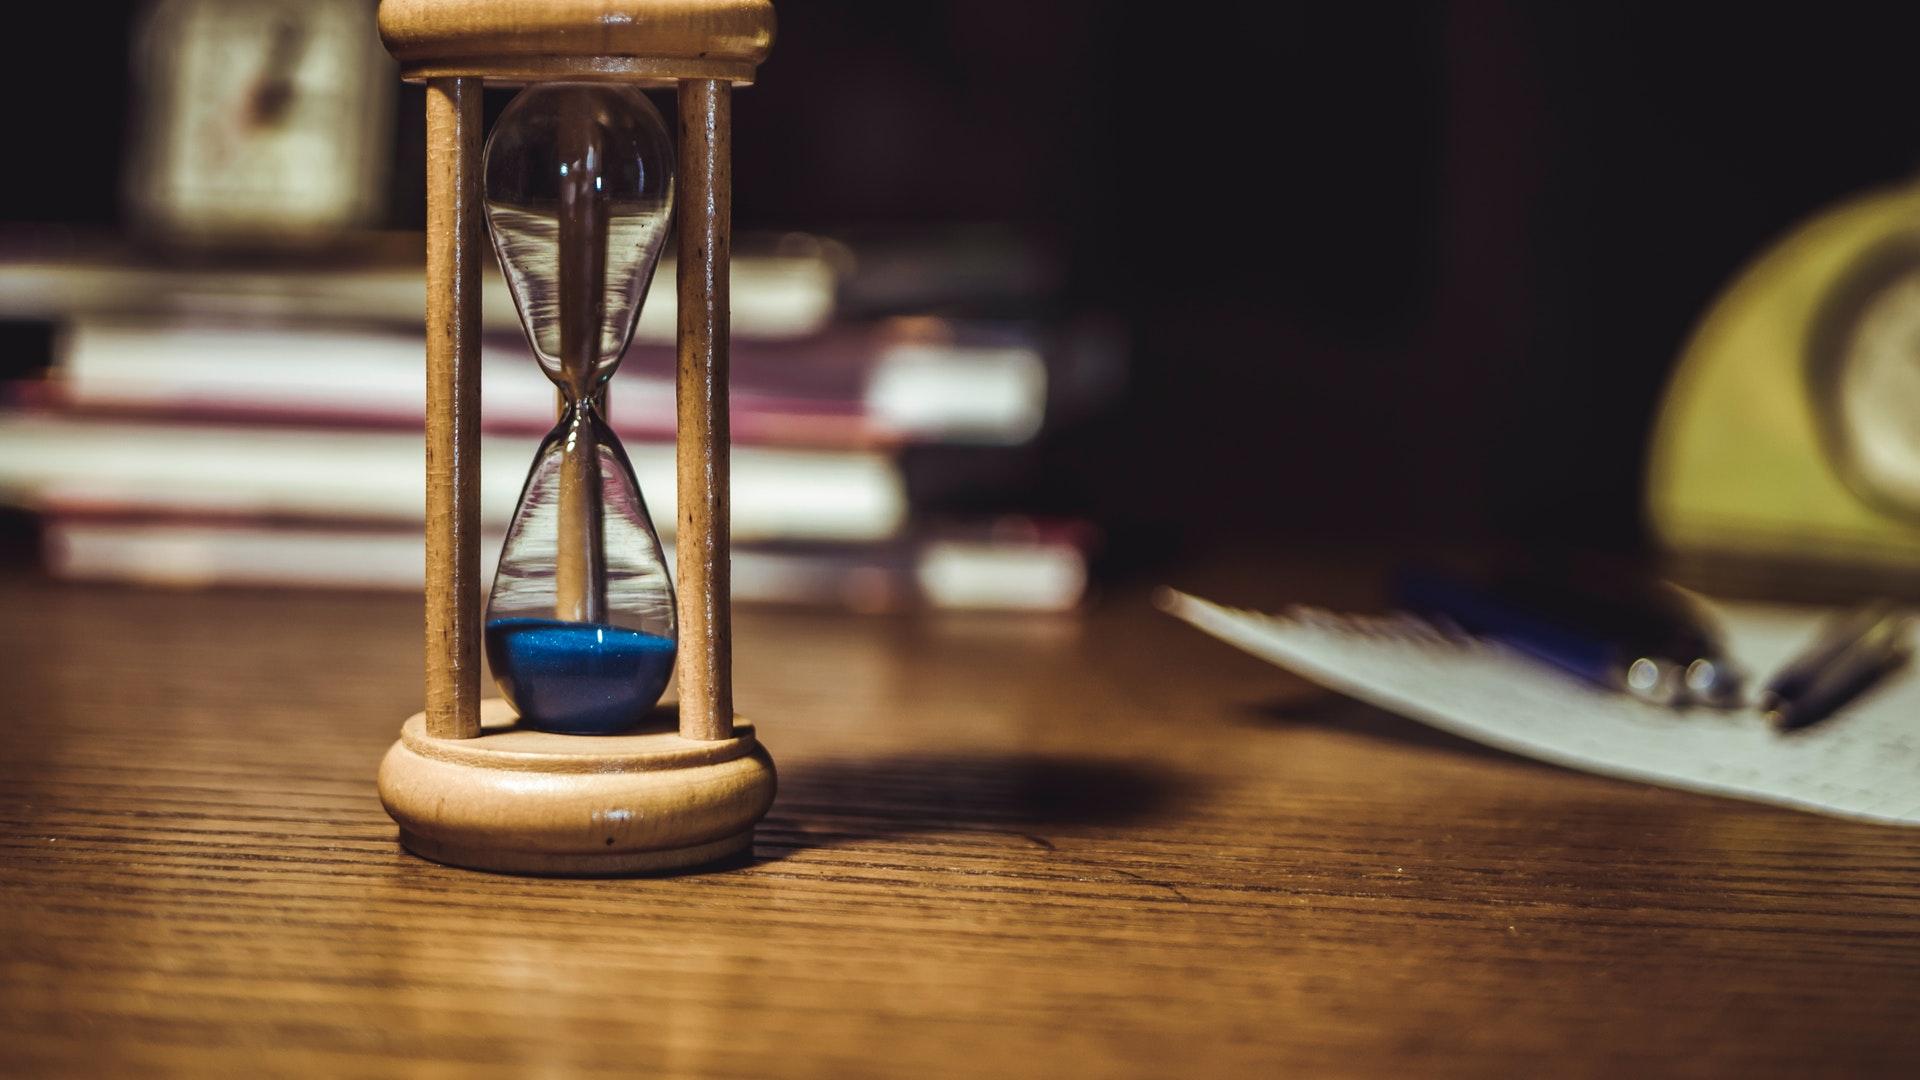 時間是有限的,要如何規劃時間?